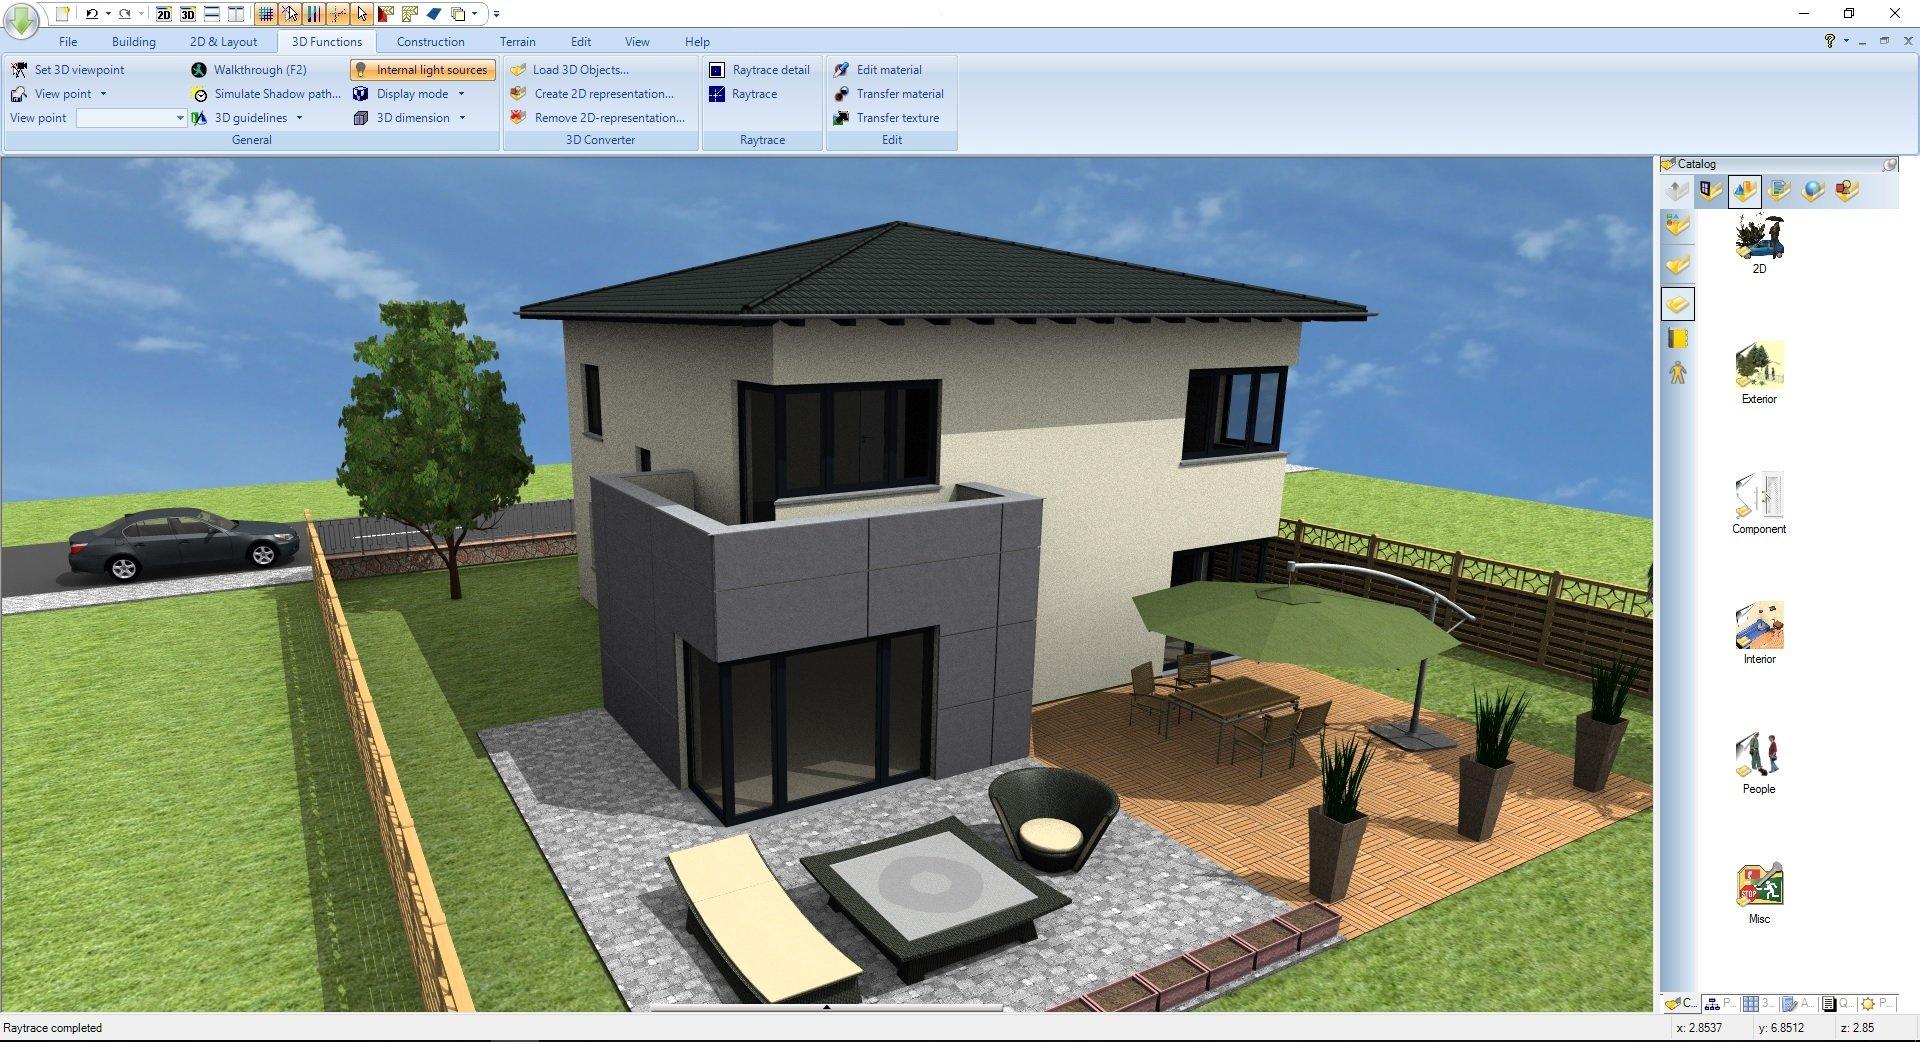 garten - Ashampoo® Home Design 5 - Wir verlosen 5 Lizenzen